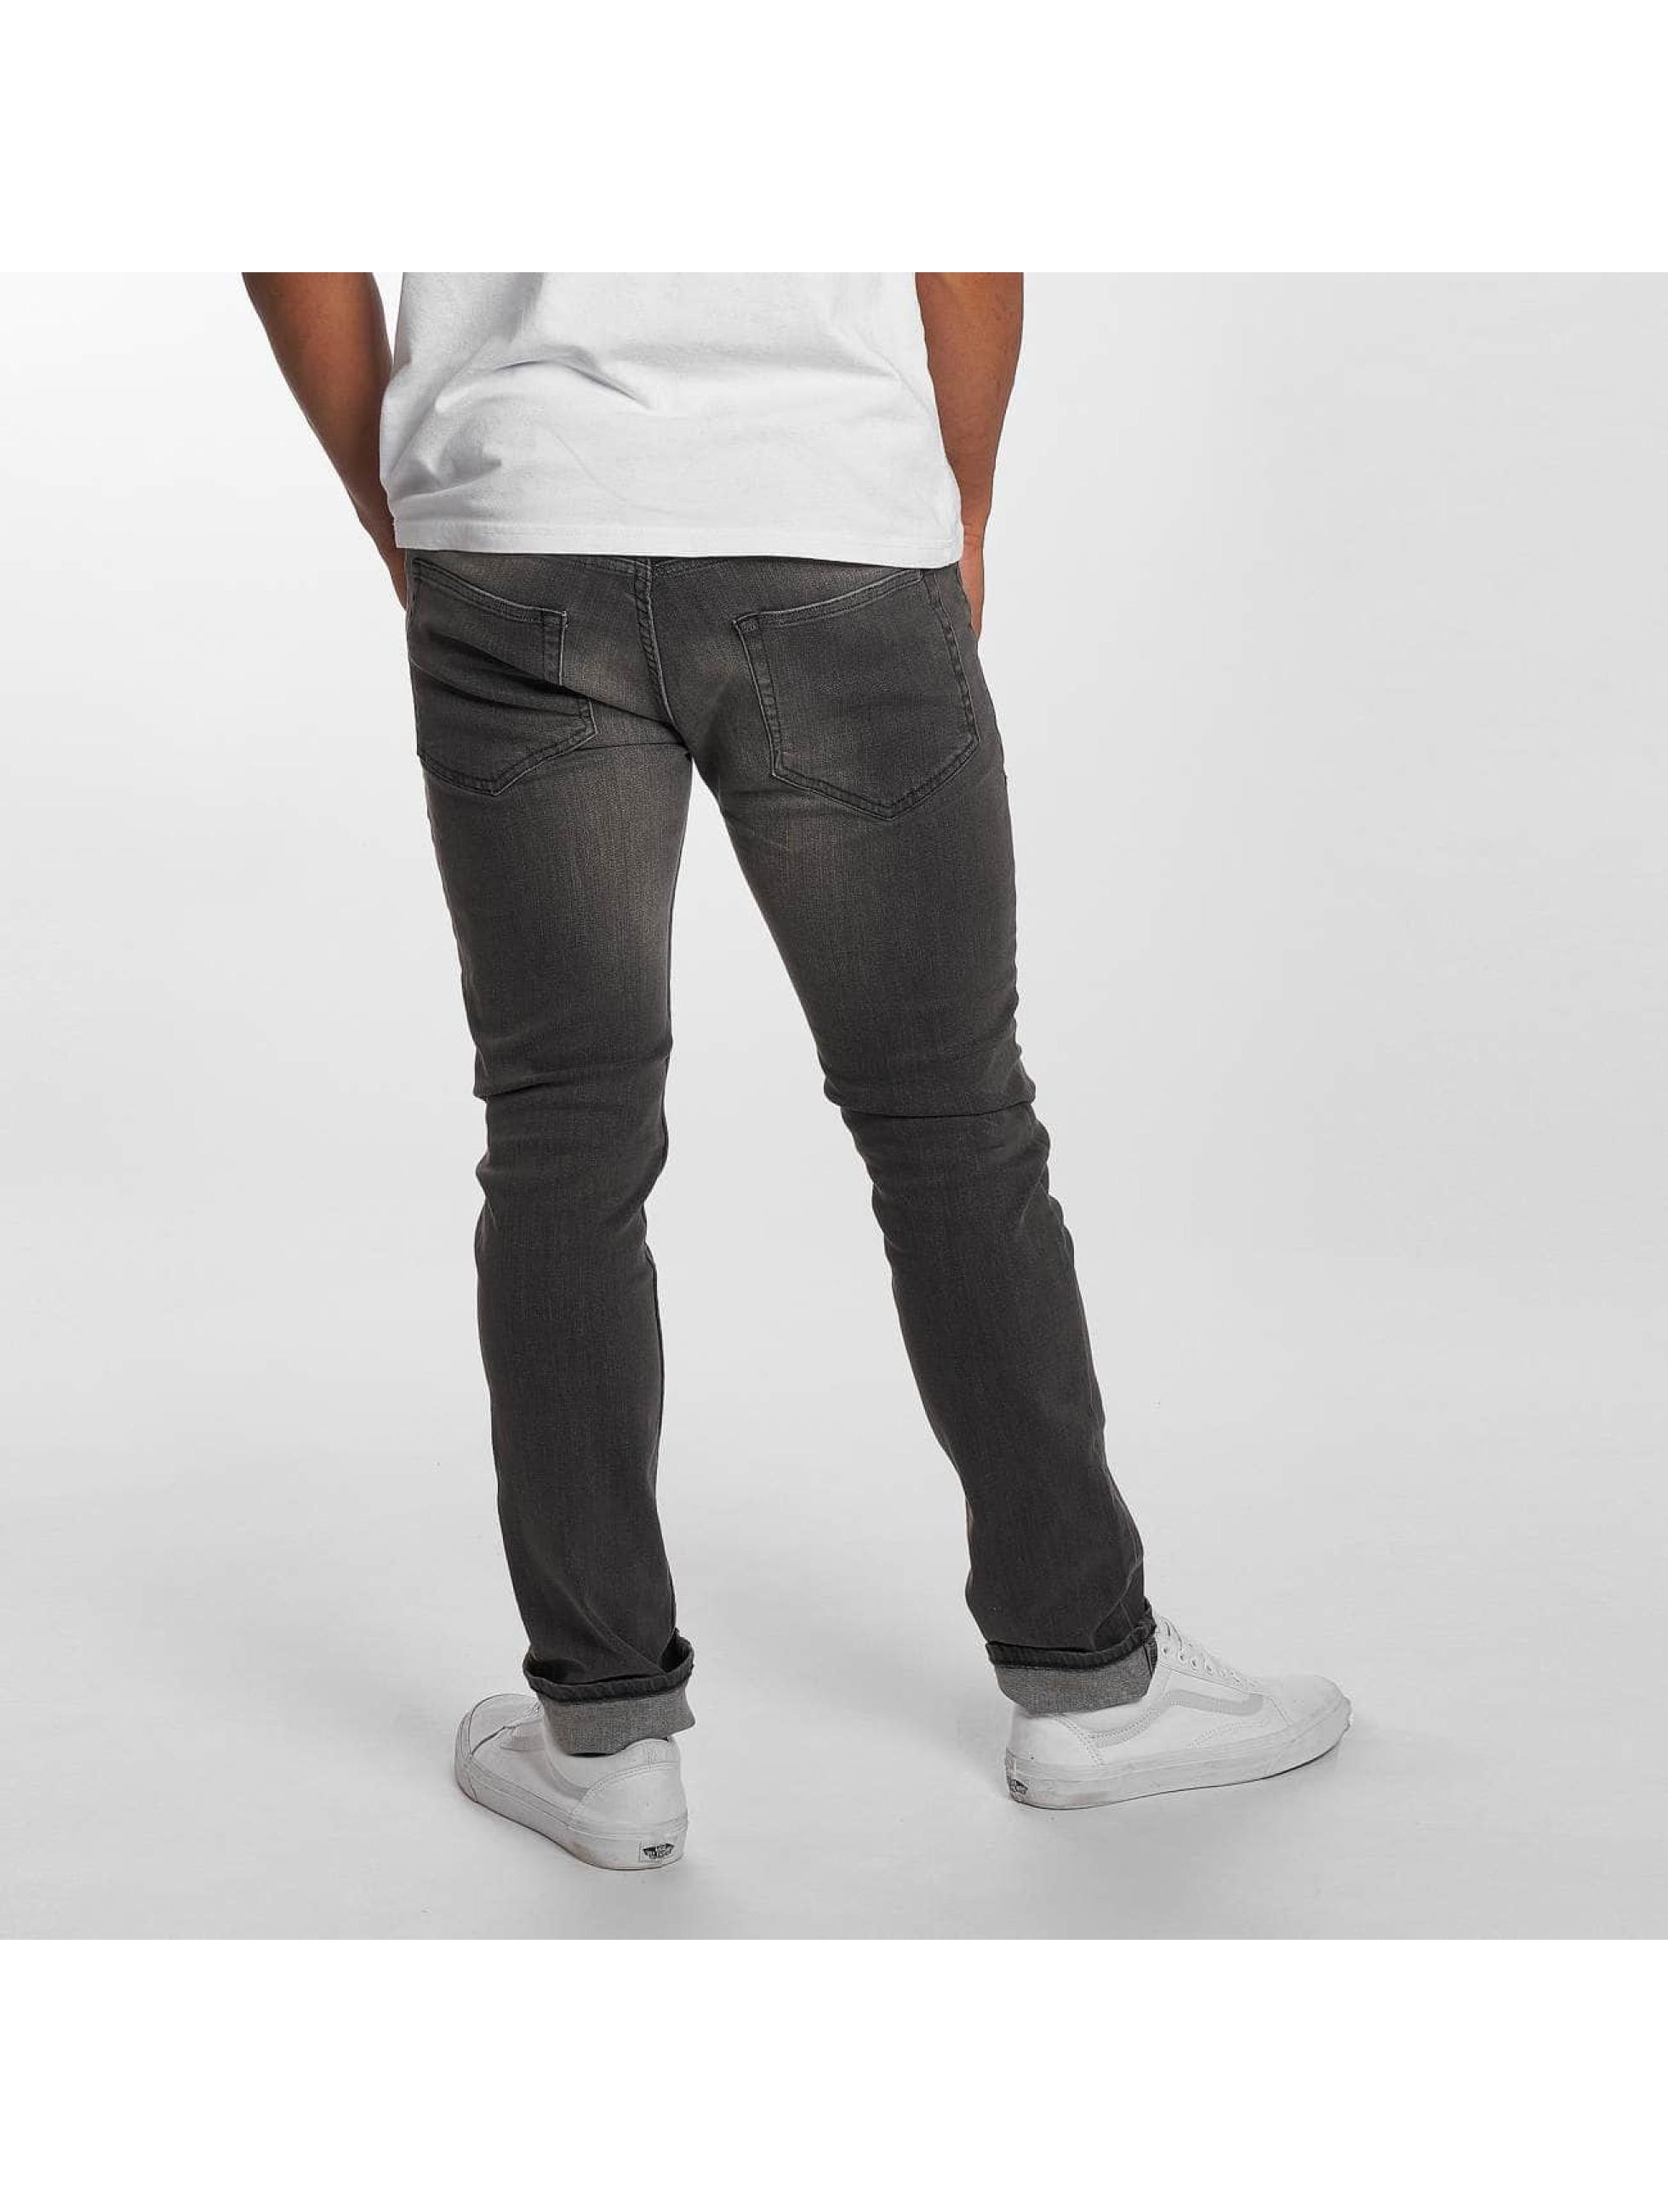 Religion Облегающие джинсы Noize коричневый